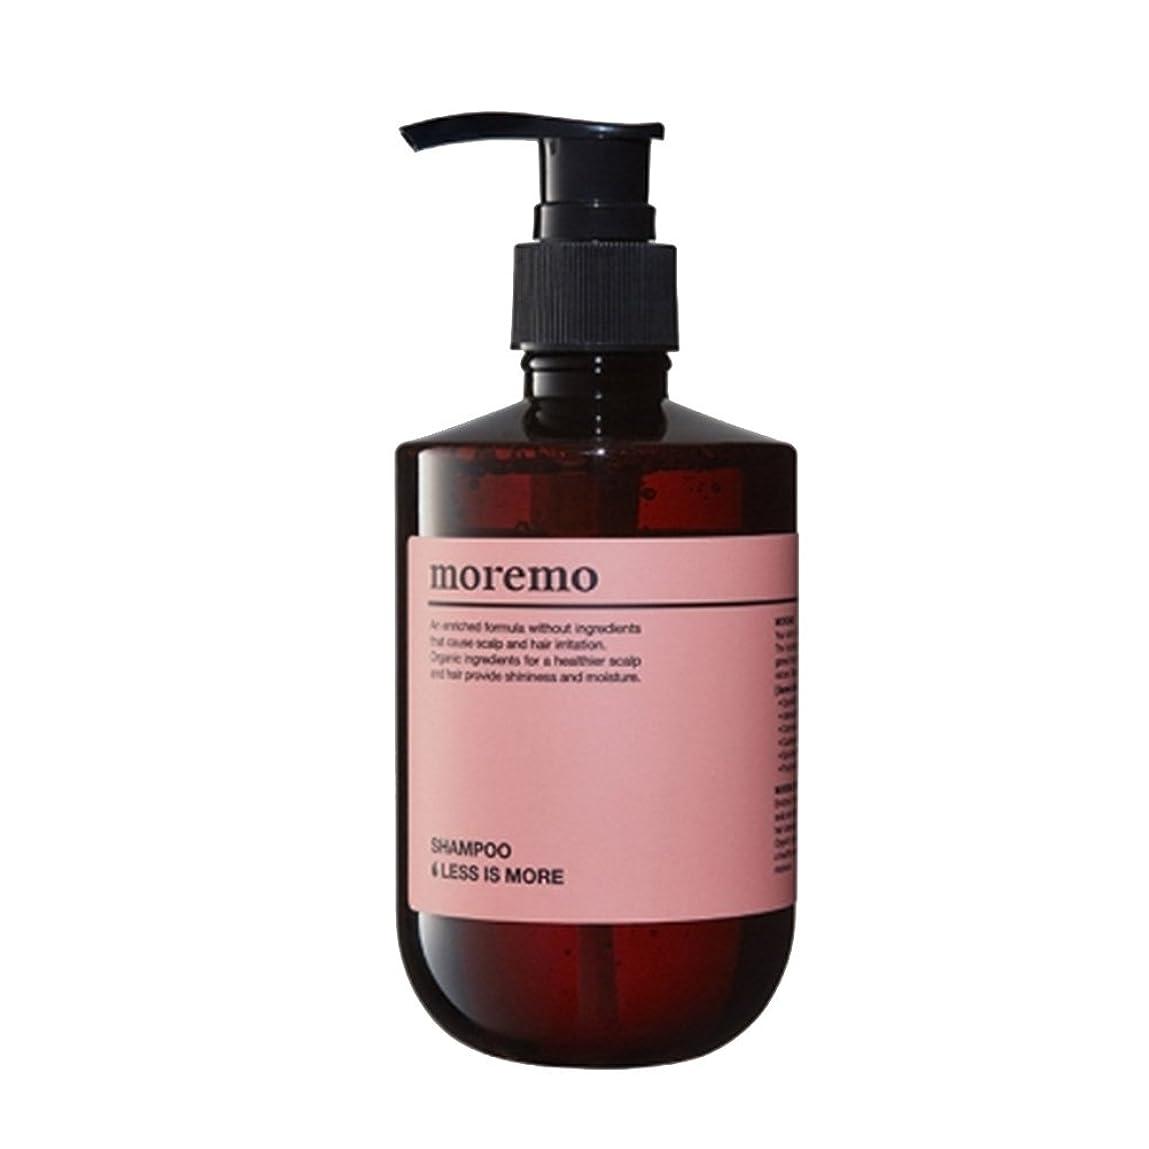 流行している選出する統治する【モレノ/ moremo]Hair SHAMPOO : LESS IS MORE (ソンサンモ、行く毛髪タイプ)/明後日某 シャンプー レススモア 300ml(海外直送品)